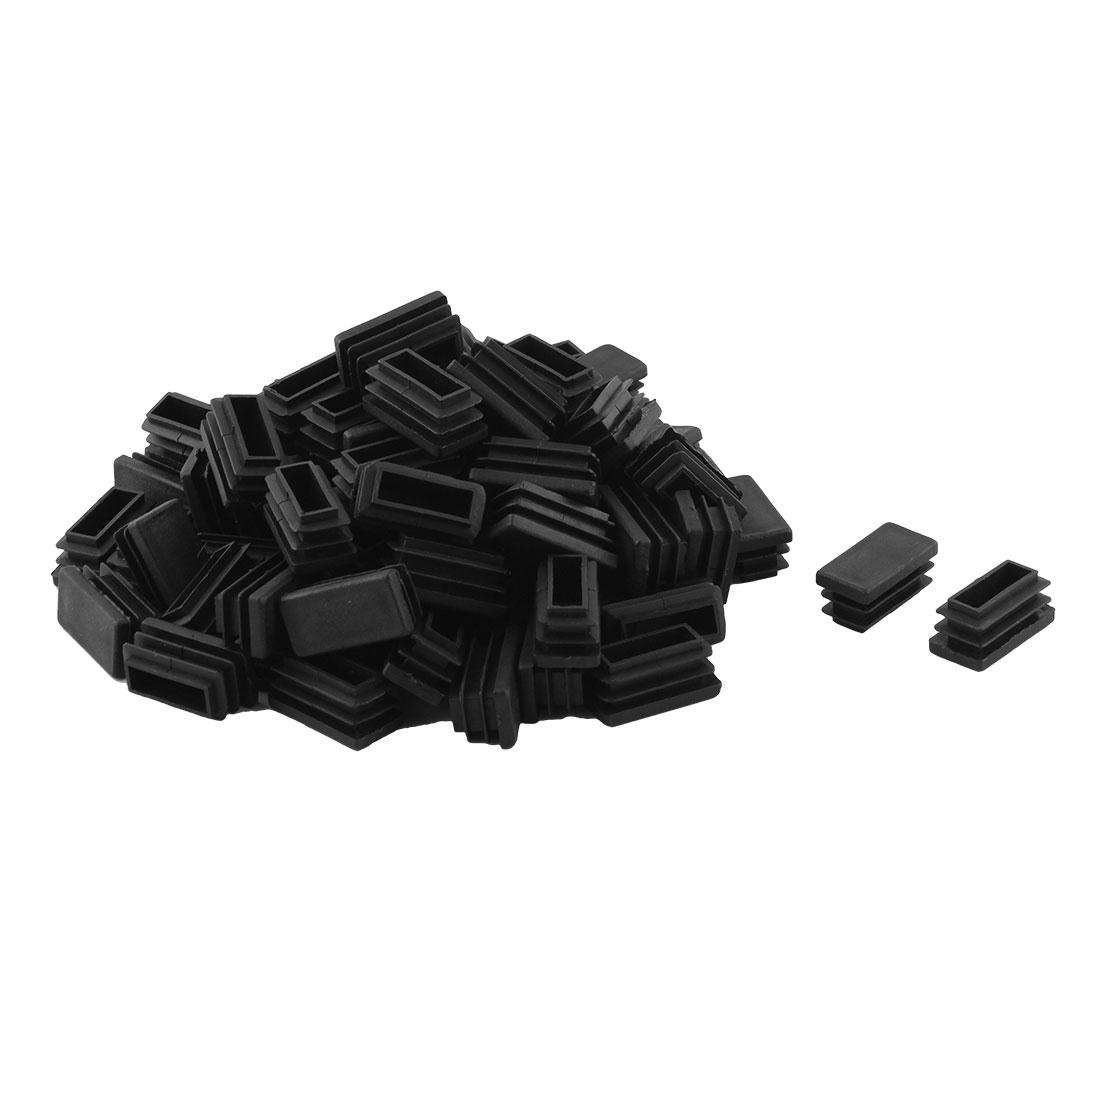 Furniture Desk Chair Leg Plastic Rectangle Shape Threaded Tube Insert Black 30 x 15mm 80 Pcs